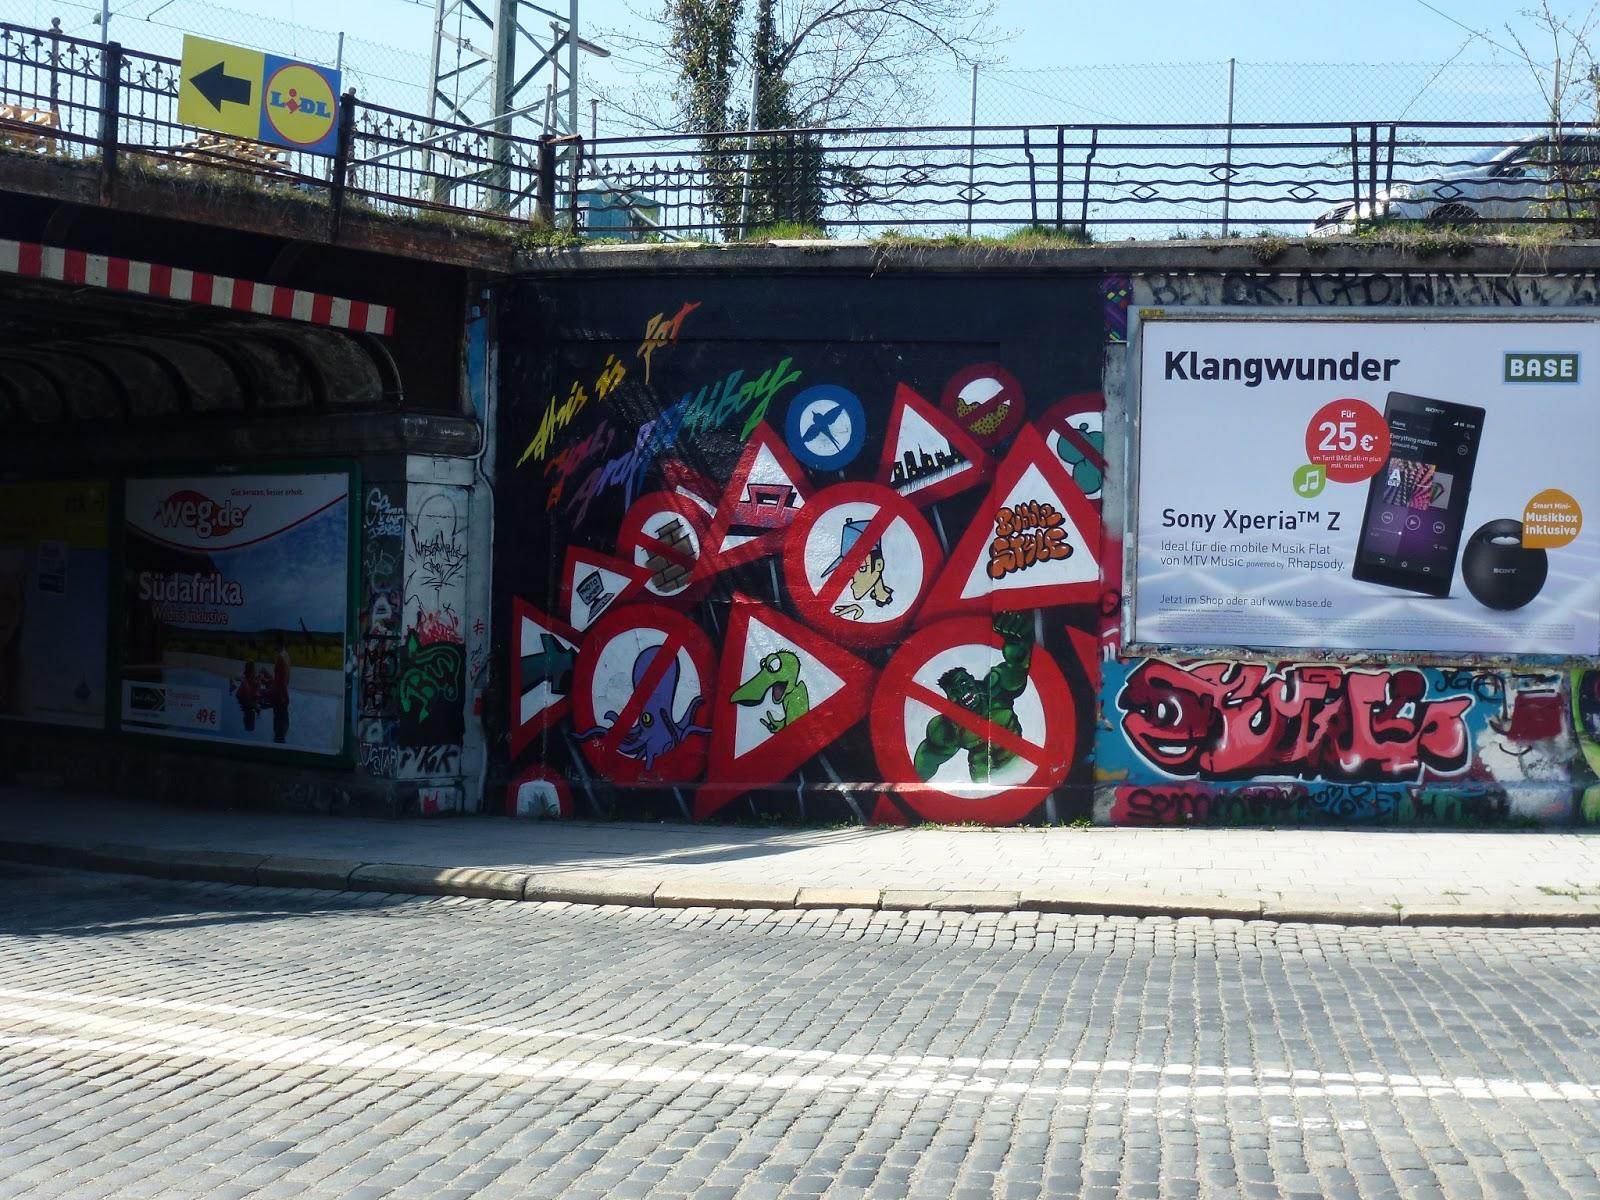 streetart und urbane kommunikation in m nchen. Black Bedroom Furniture Sets. Home Design Ideas